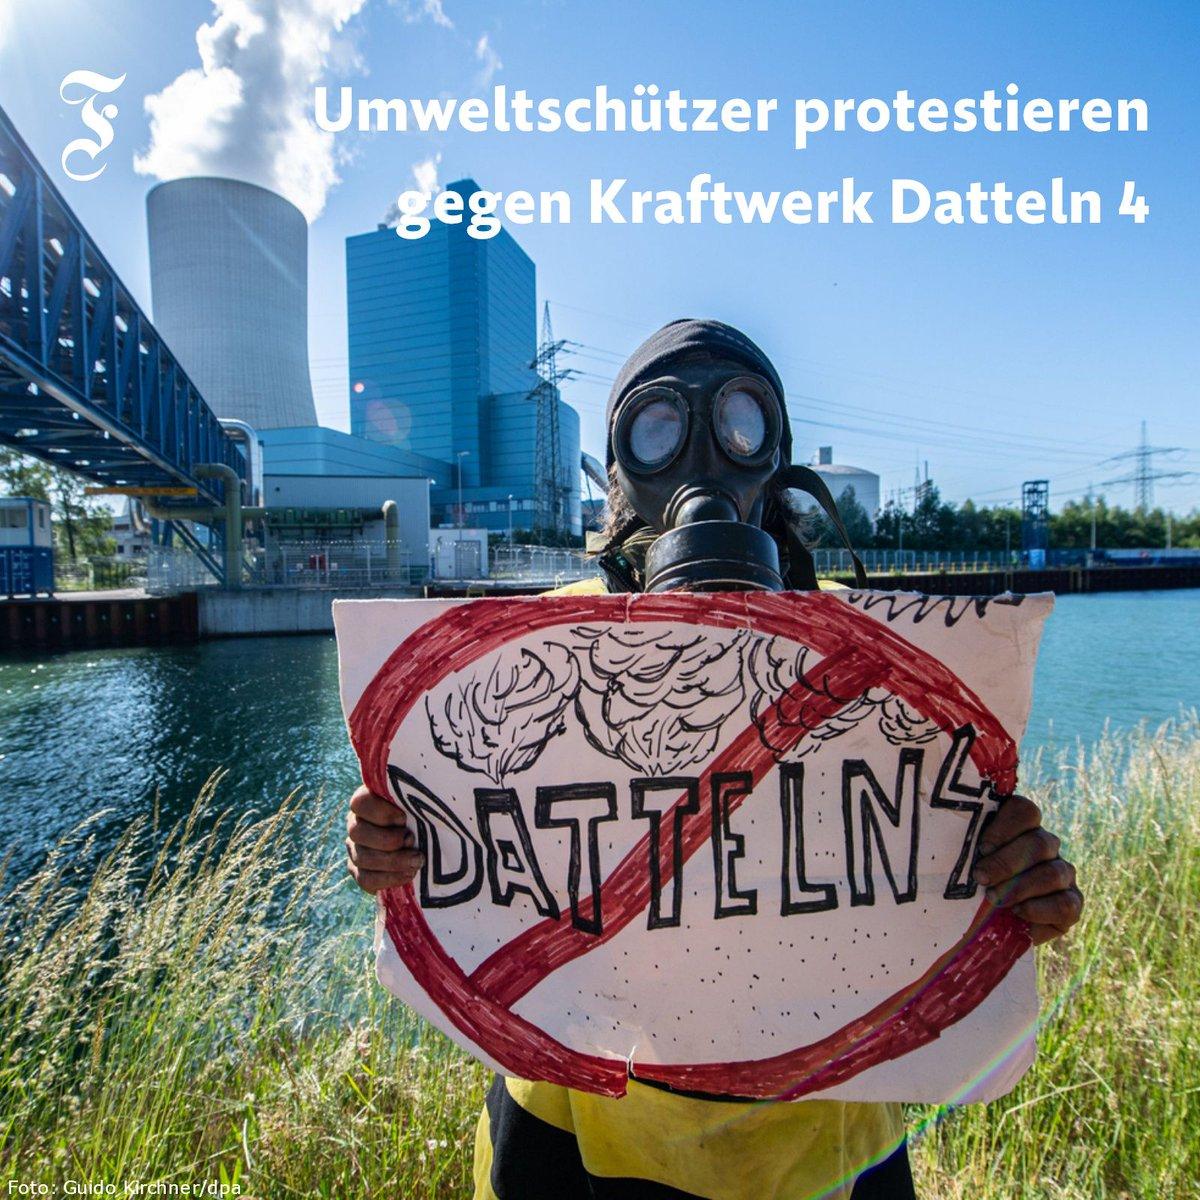 #Datteln4